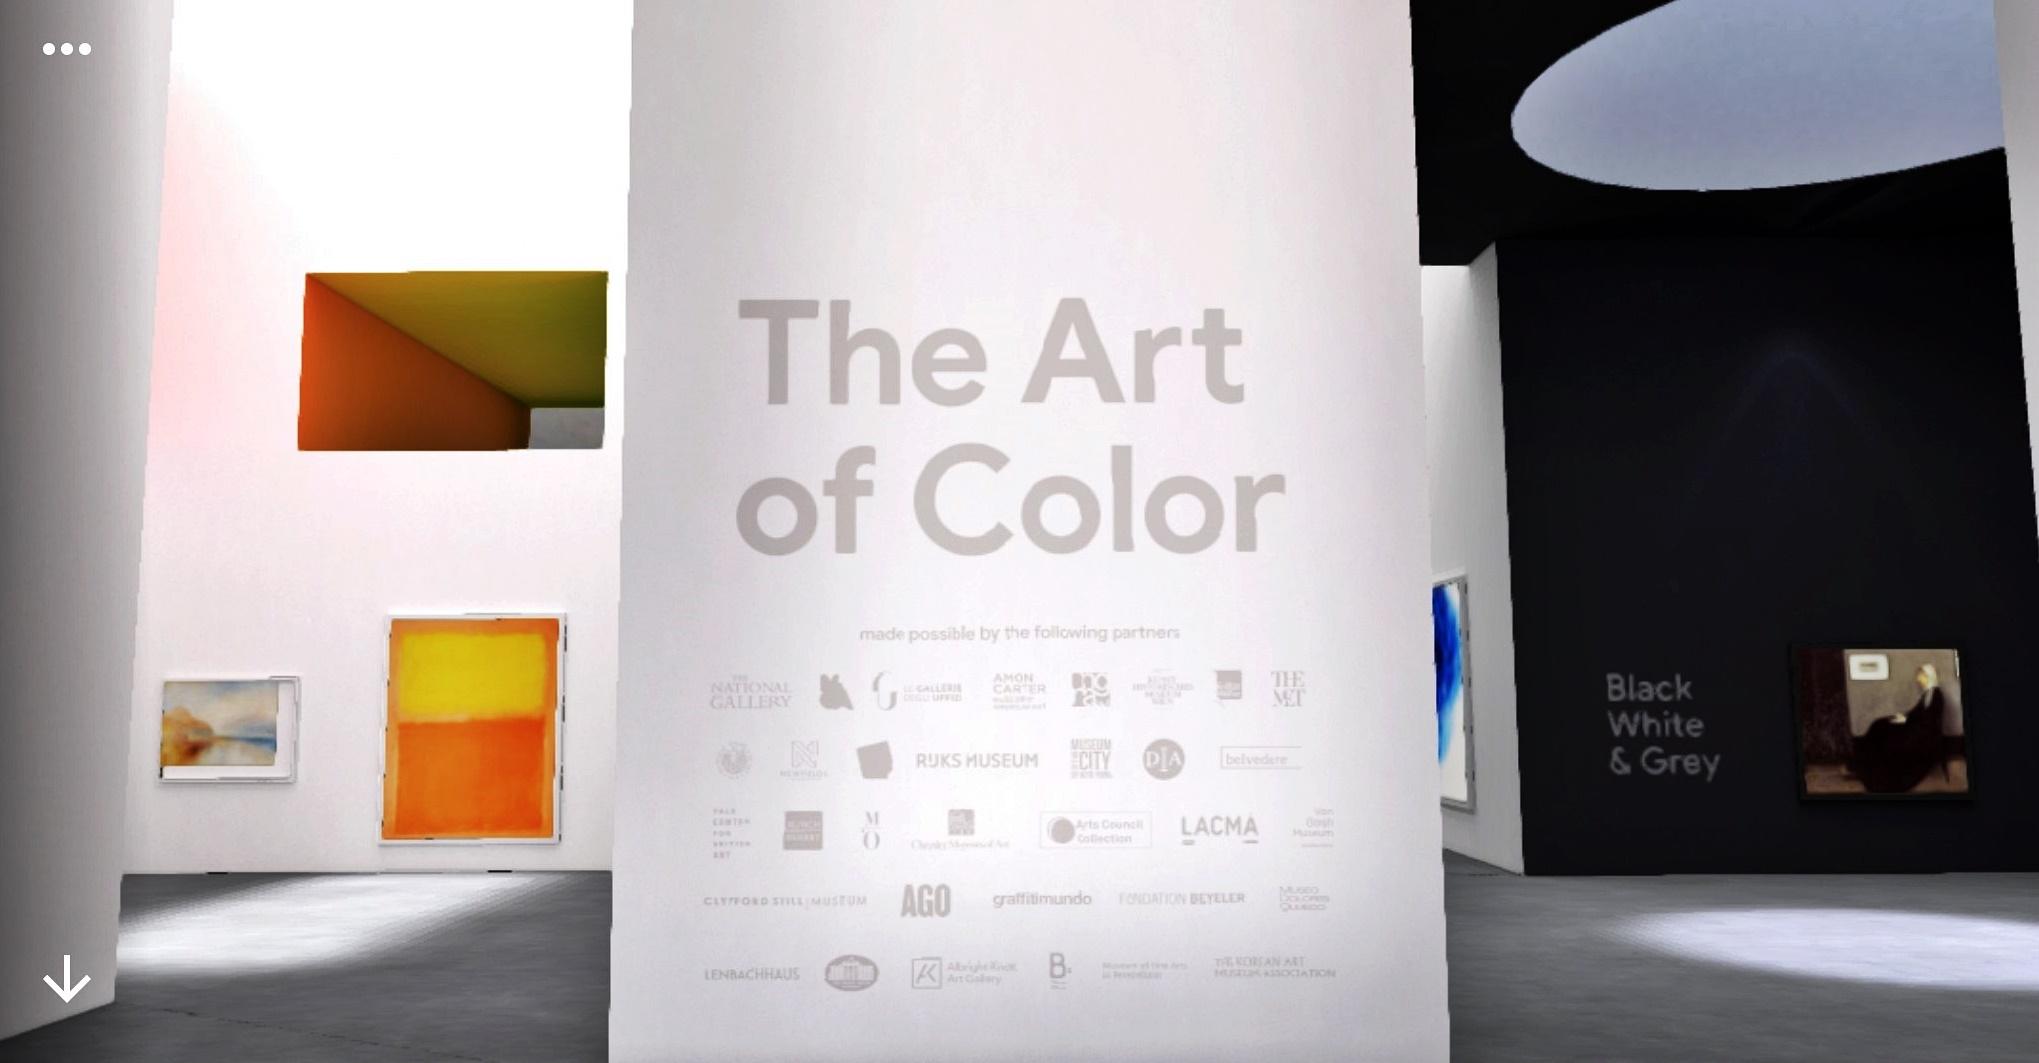 自宅が美術館に!ARで名画を鑑賞できるアプリ「Google Arts & Culture」